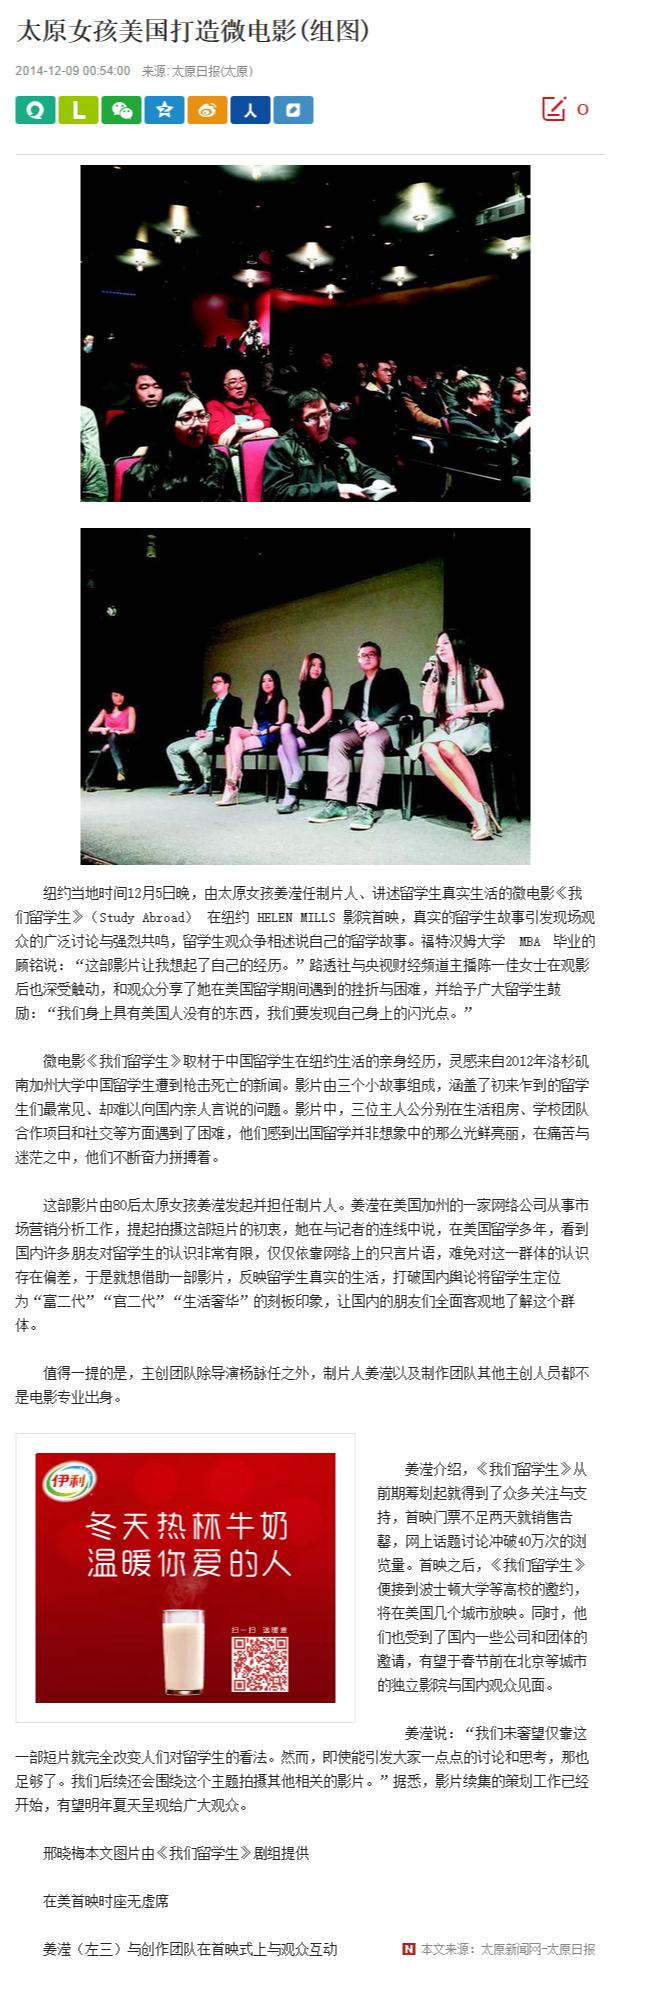 《网易新闻》 2014年12月9日报道